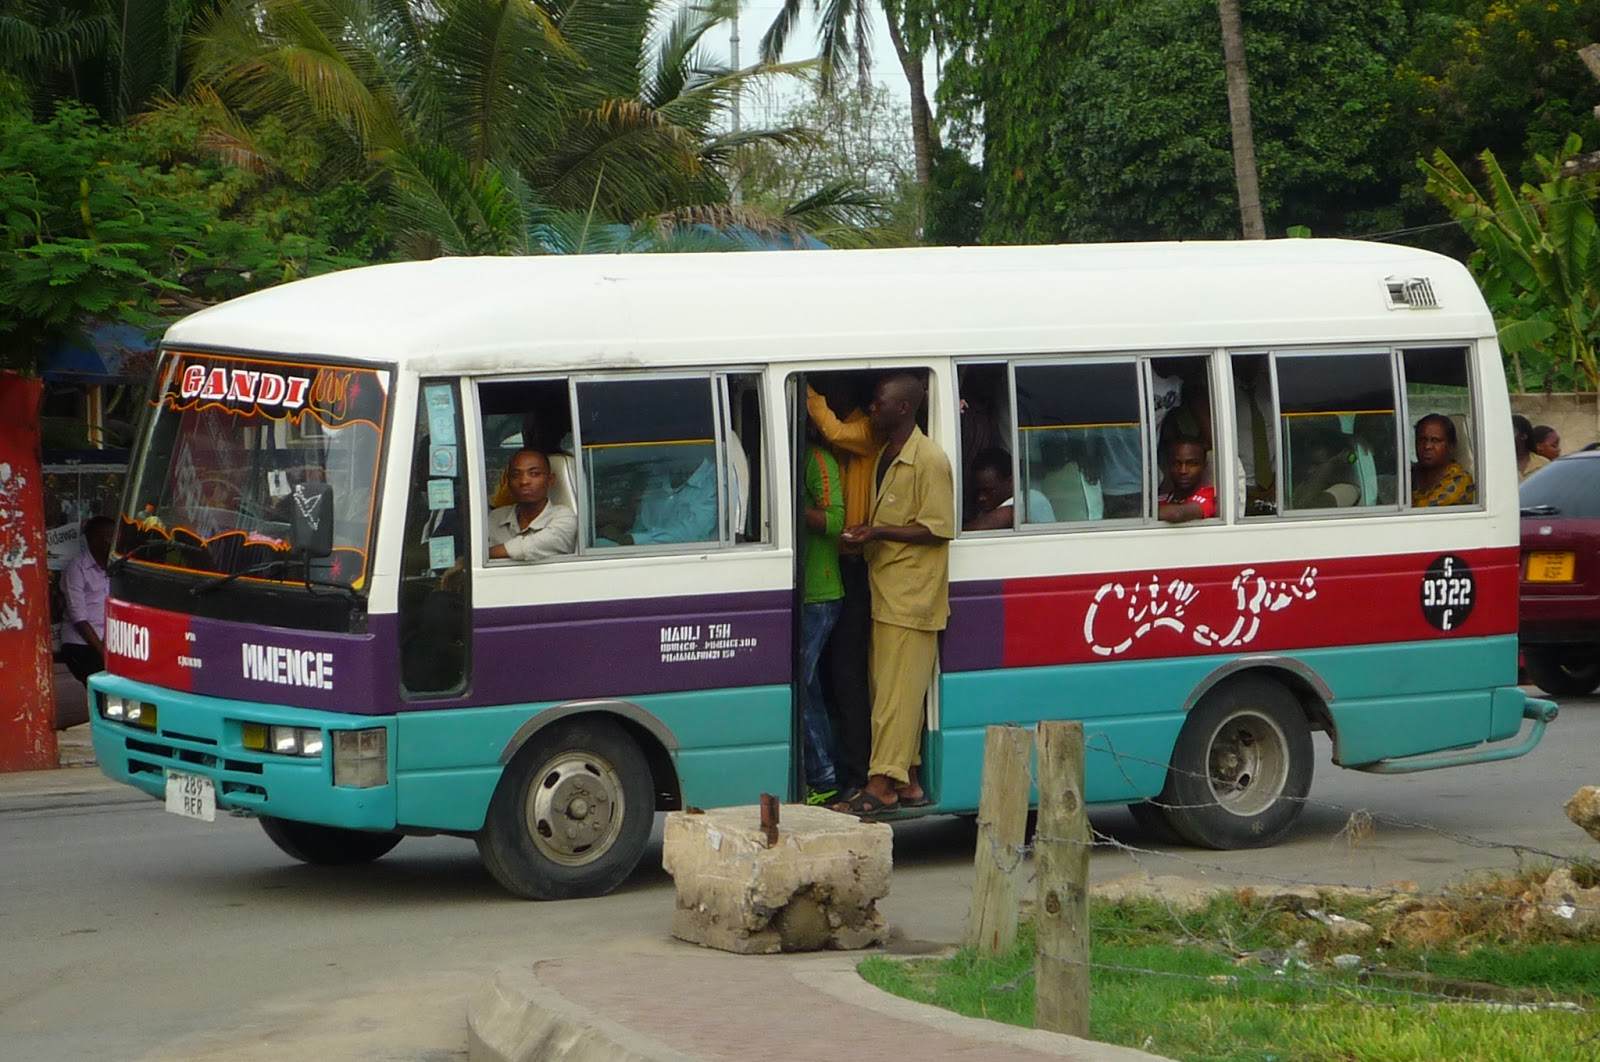 Картинки по запросу A dalla dalla bus